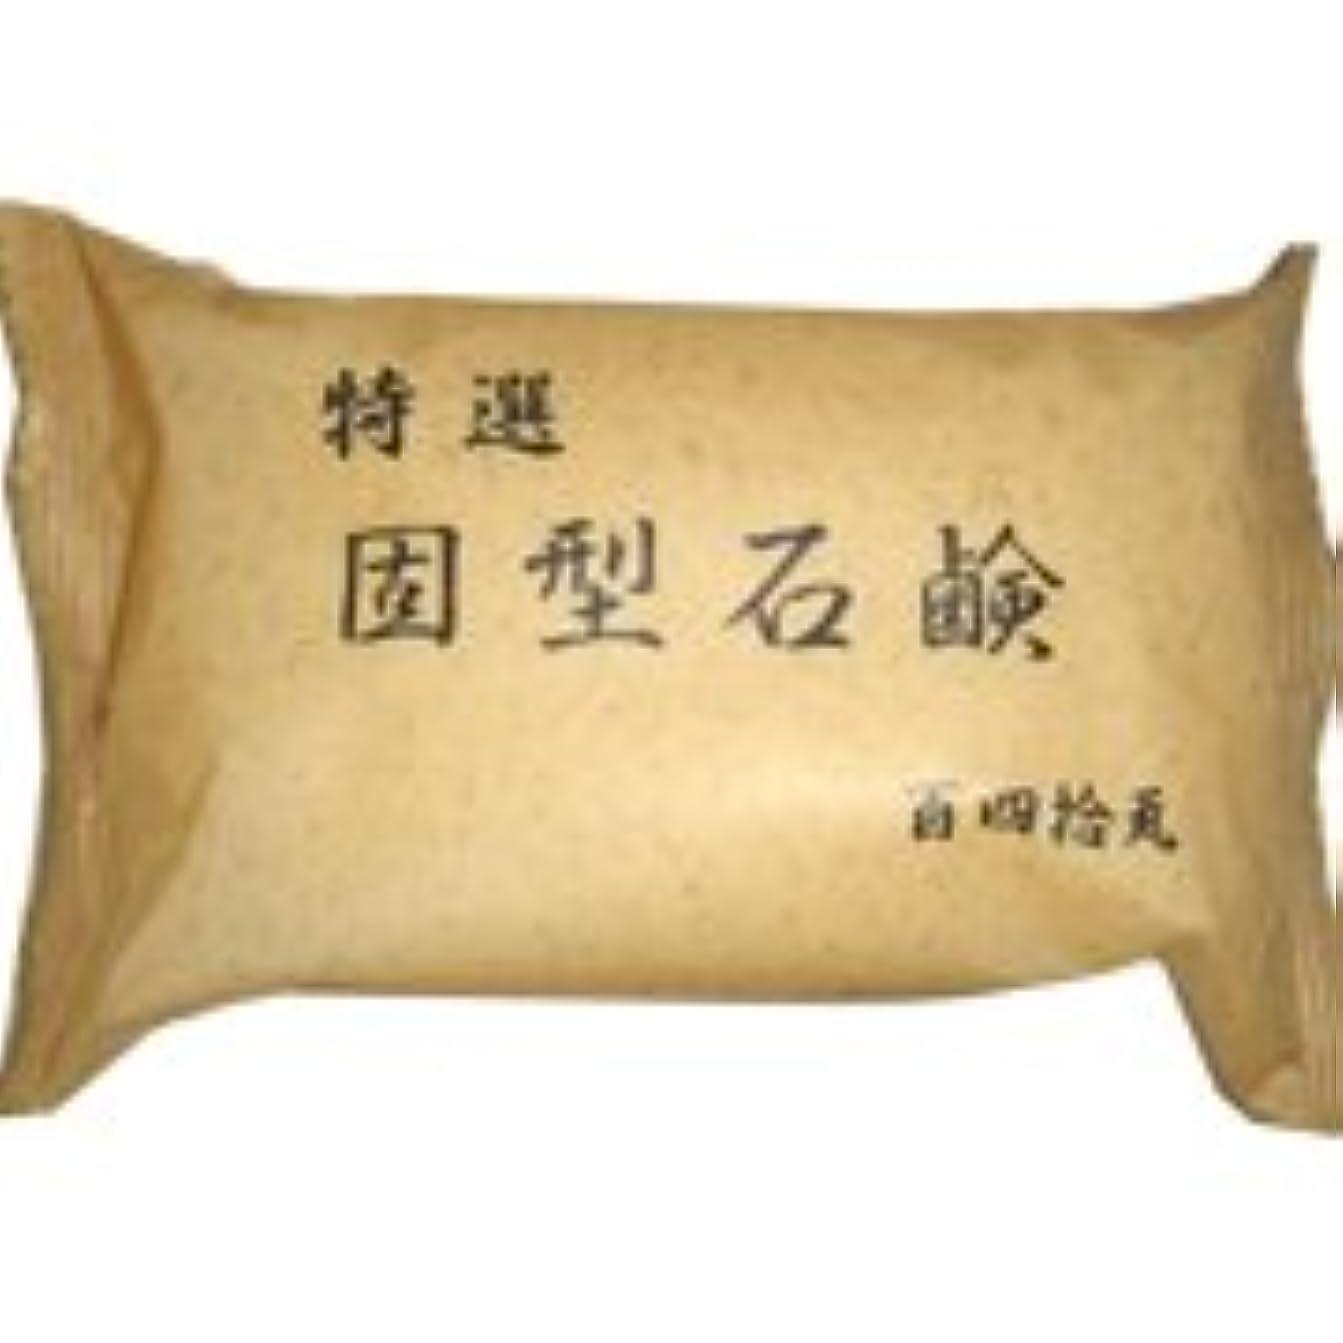 グレートバリアリーフ肉腫クラックポット特選 固型石鹸 140g    エスケー石鹸